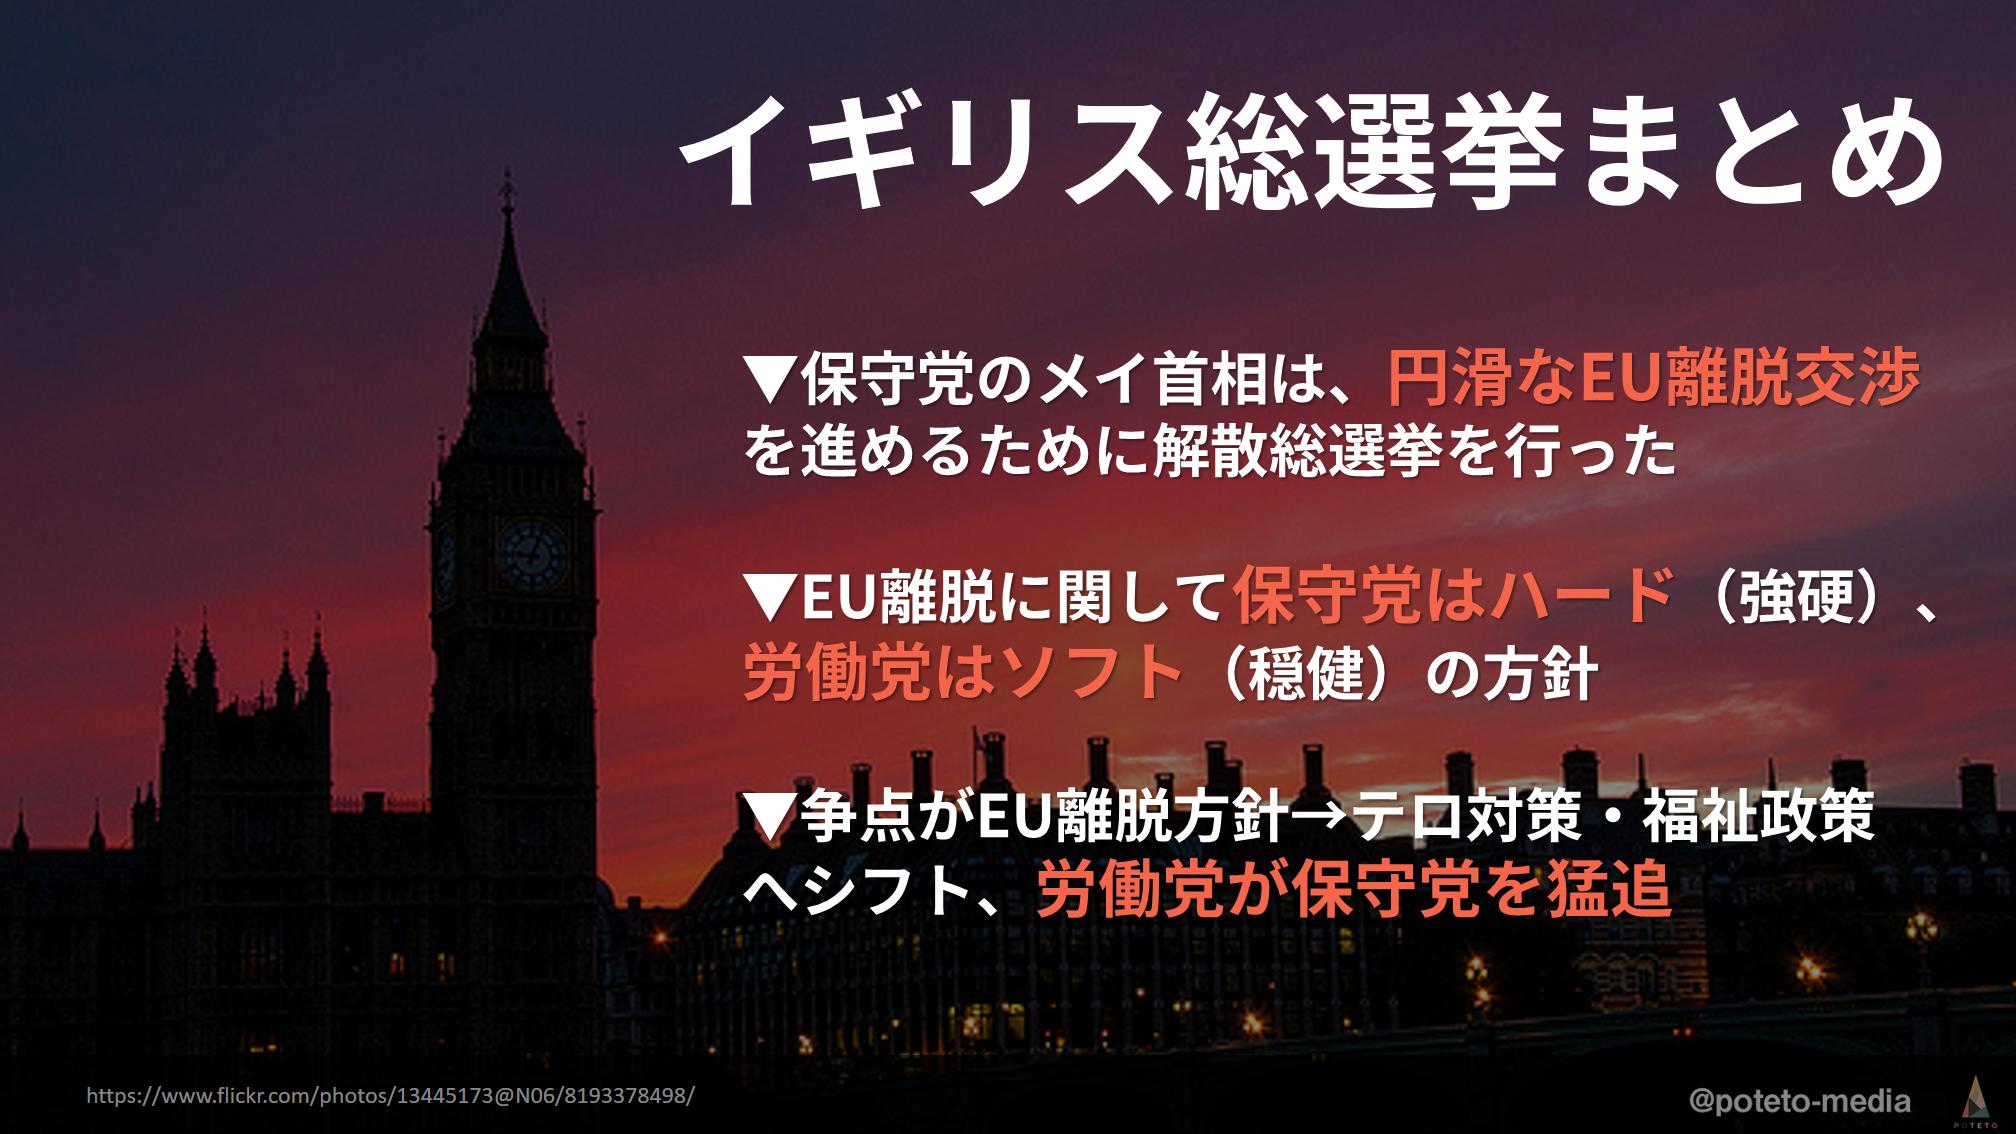 5f63f49b6b7d98988e1002a4a4f2d6d5 - イギリス総選挙 「ザックリ」解説